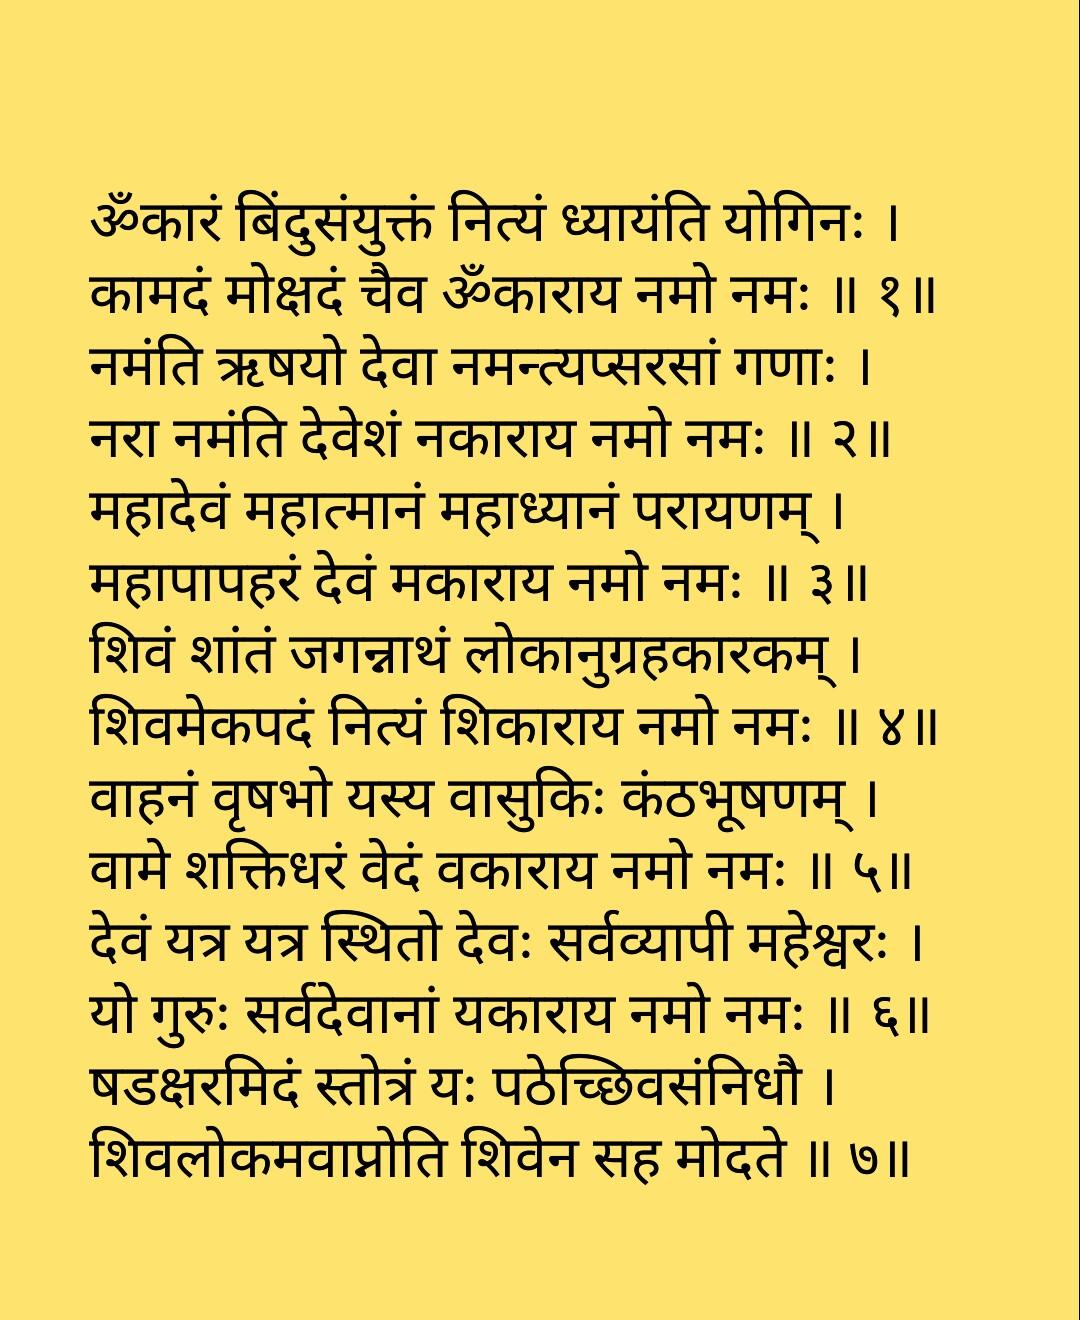 Om Namah Shivaya Mantra Doshi Dhrumit